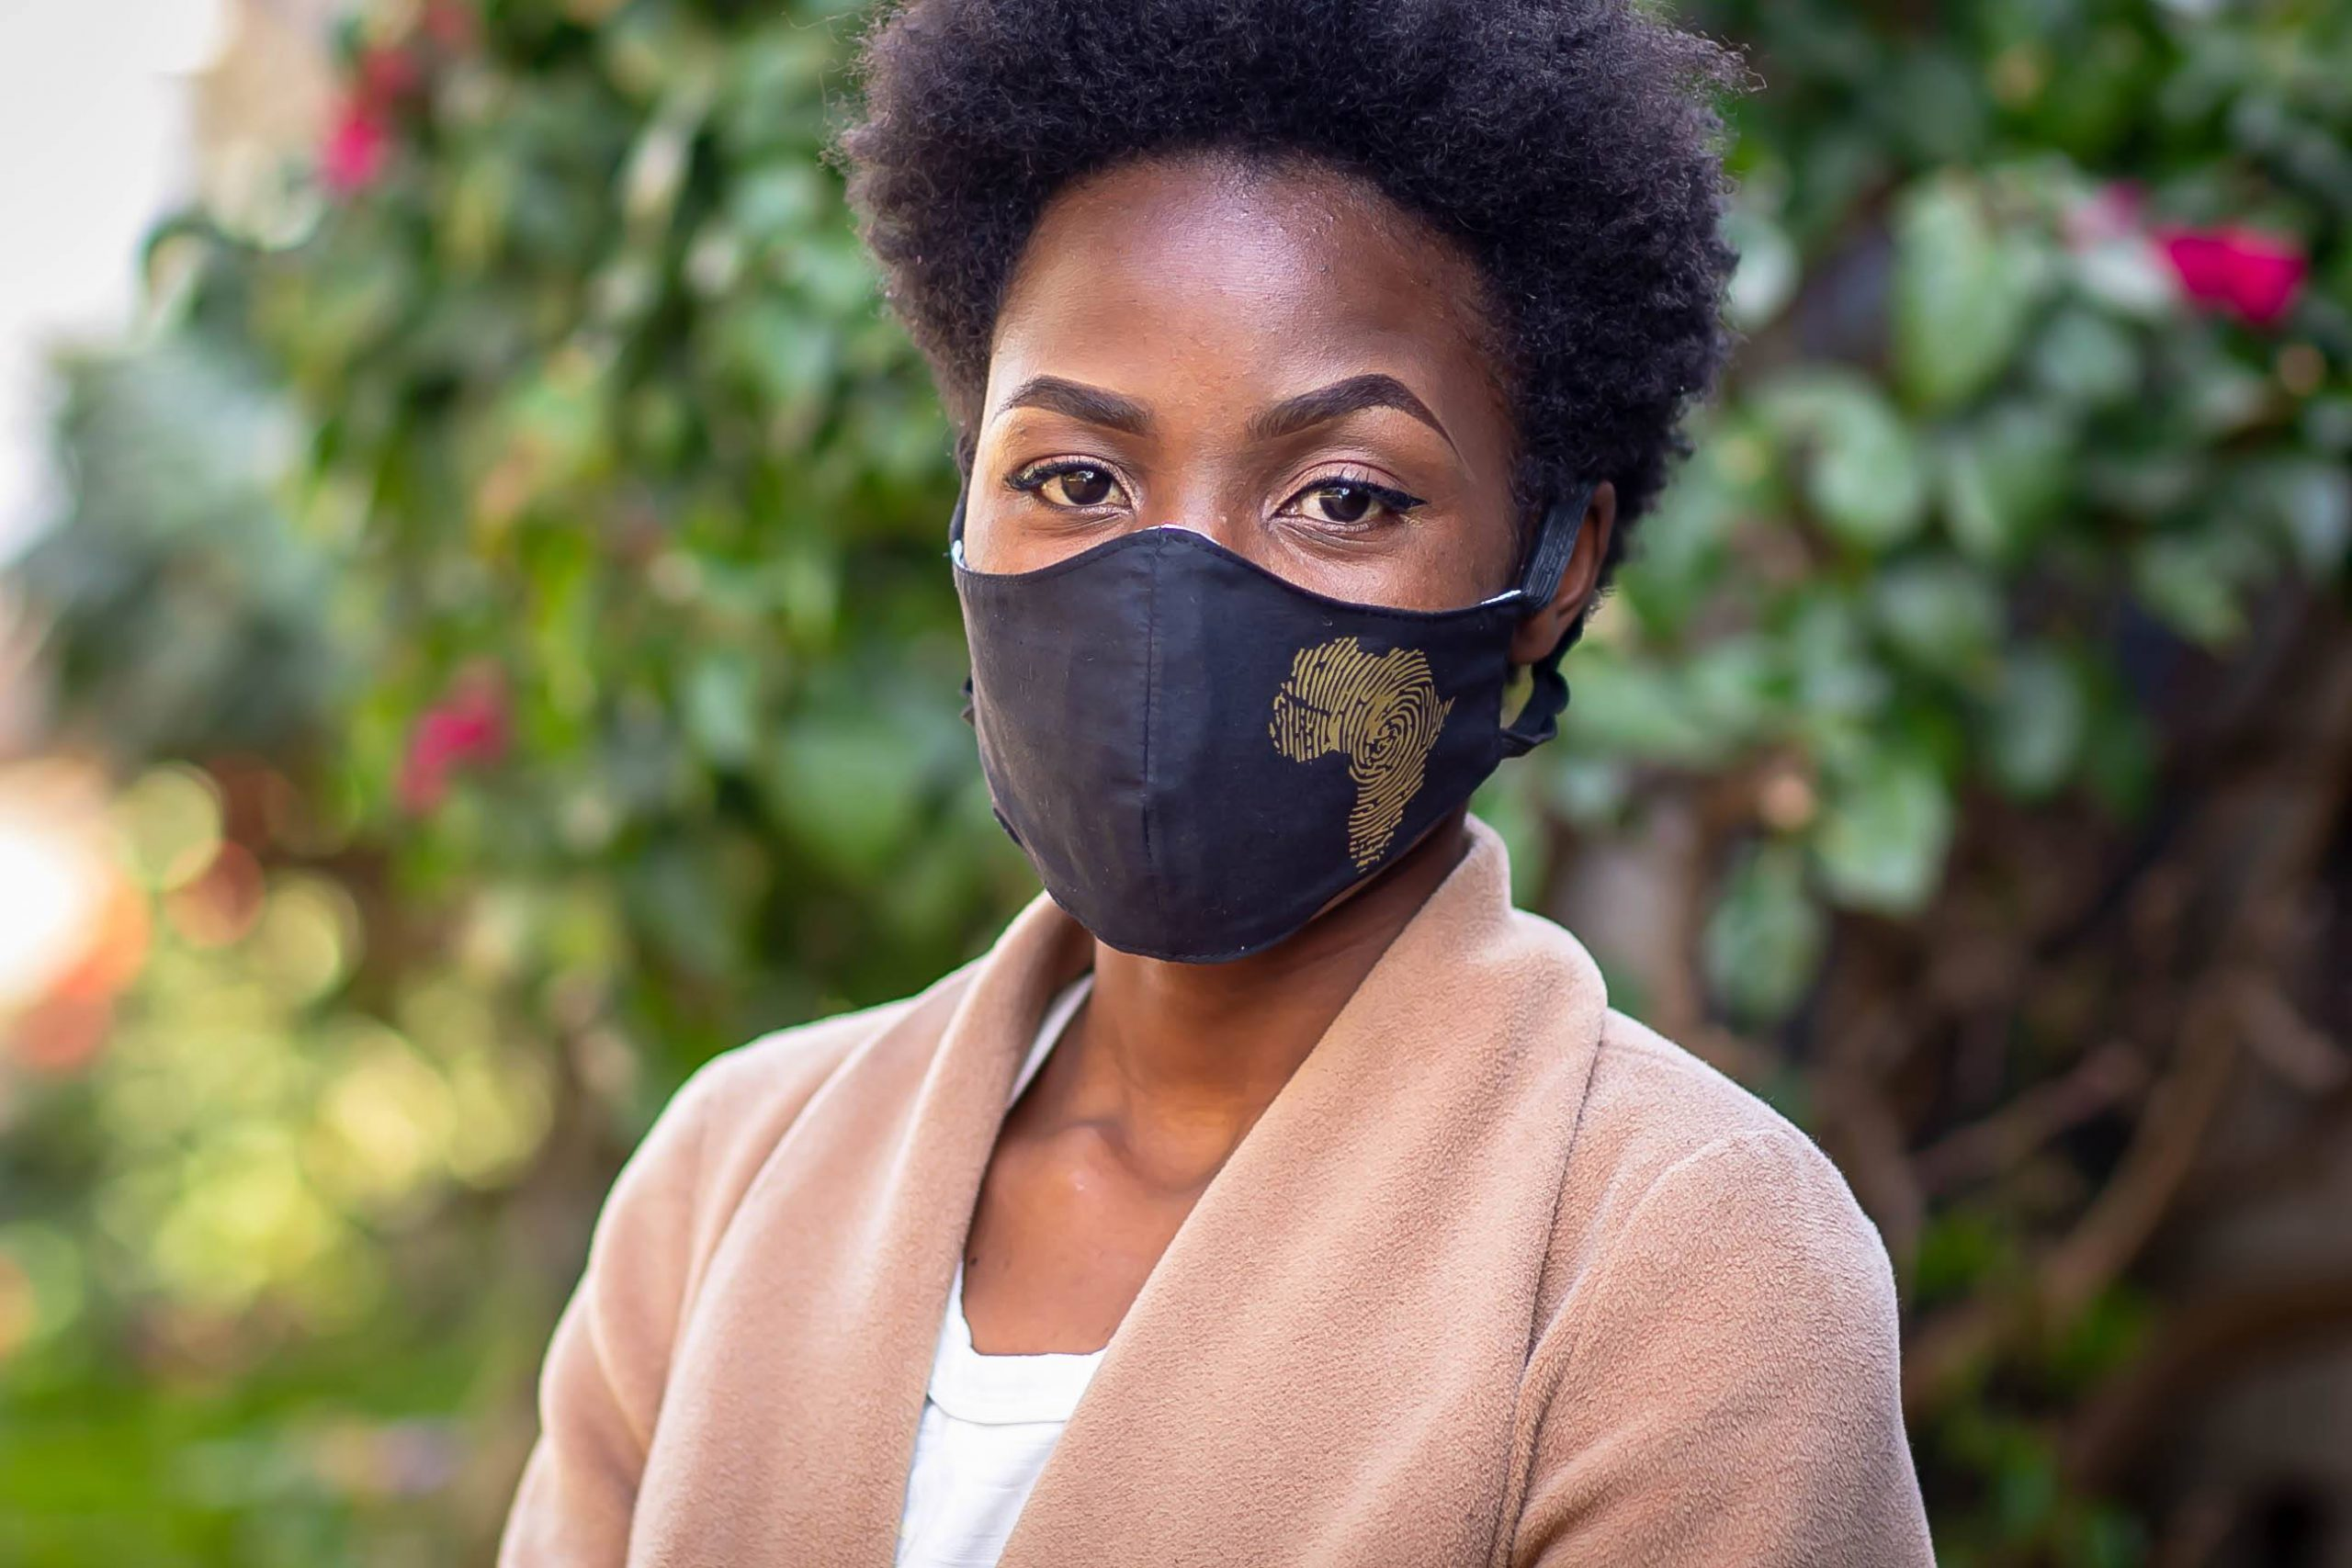 Gold Heat printed Africa Mask Kind Shop